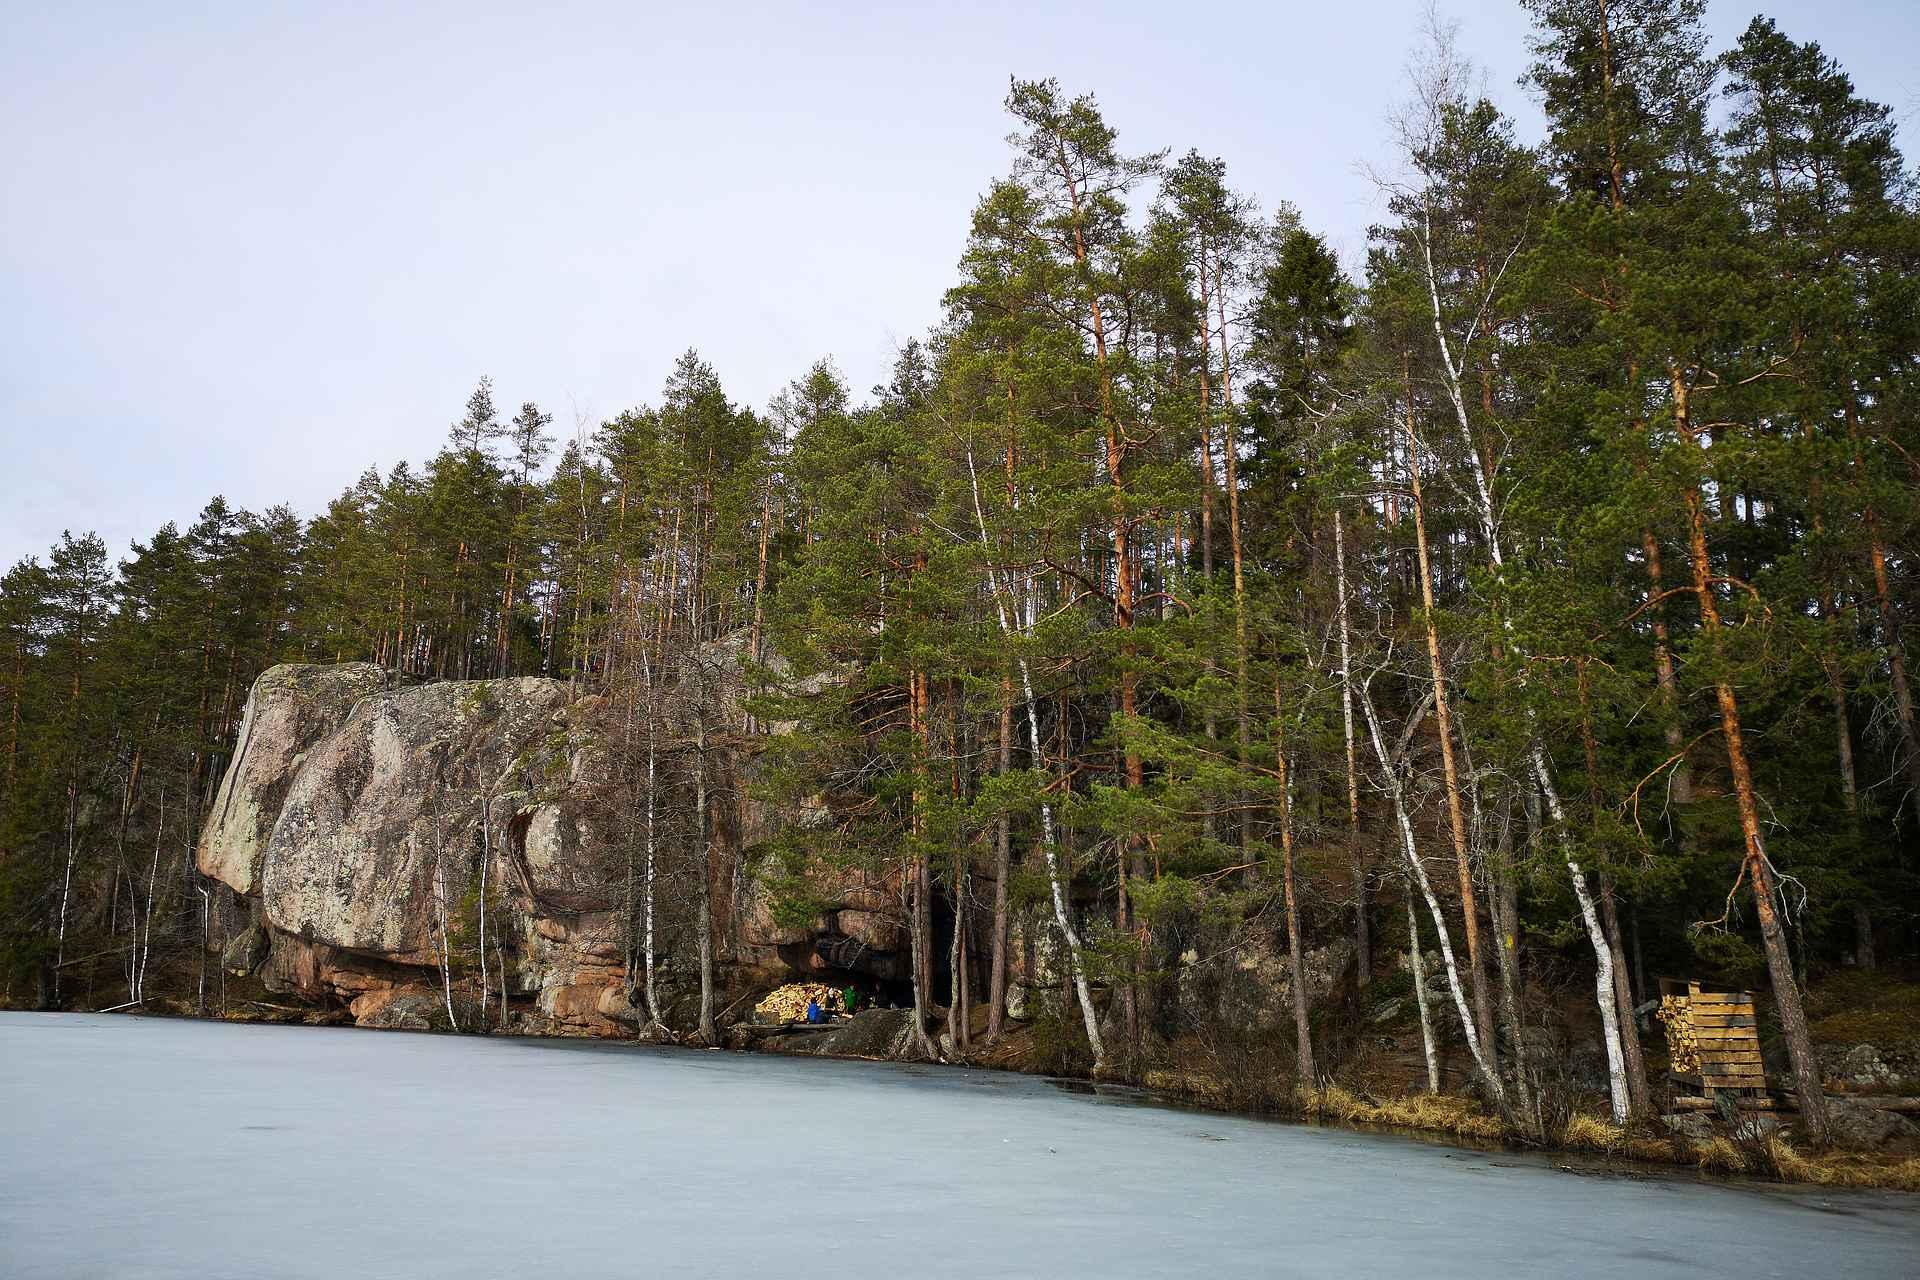 Iso-Vuorijärven riippukalliot ovat varsin ainutlaatuinen retkikohde.